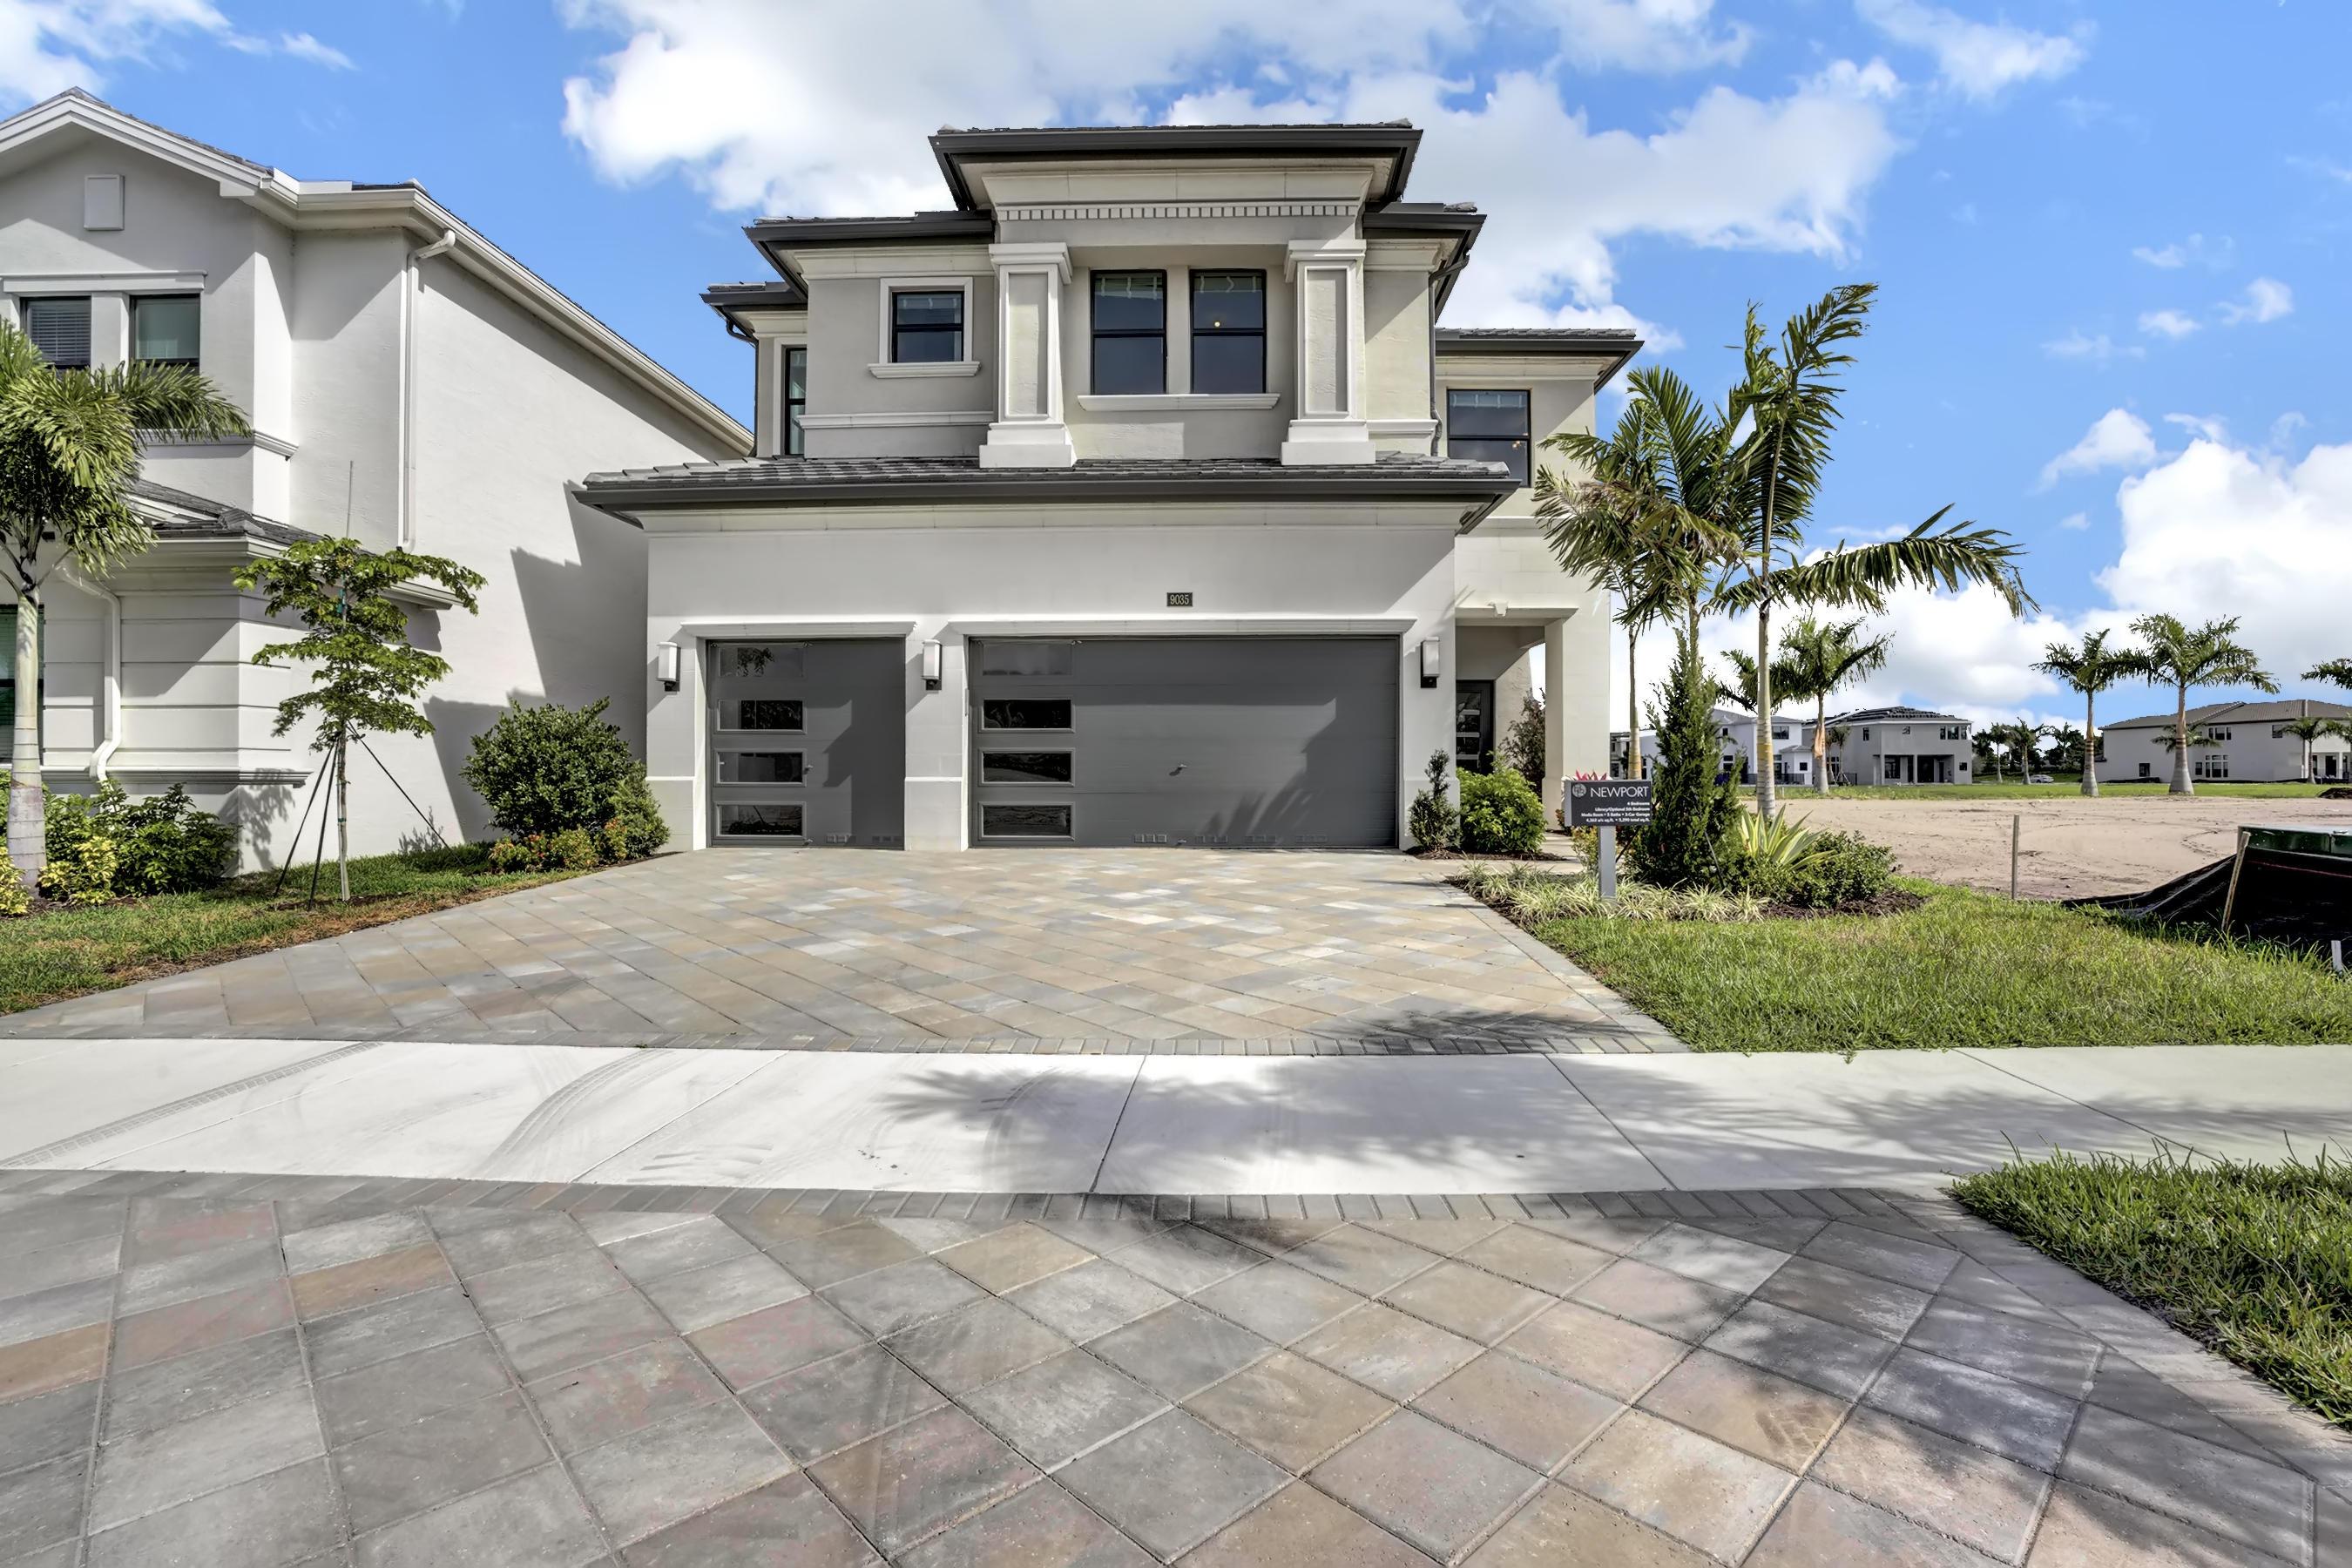 9035 Dulcetto Court Boca Raton, FL 33496